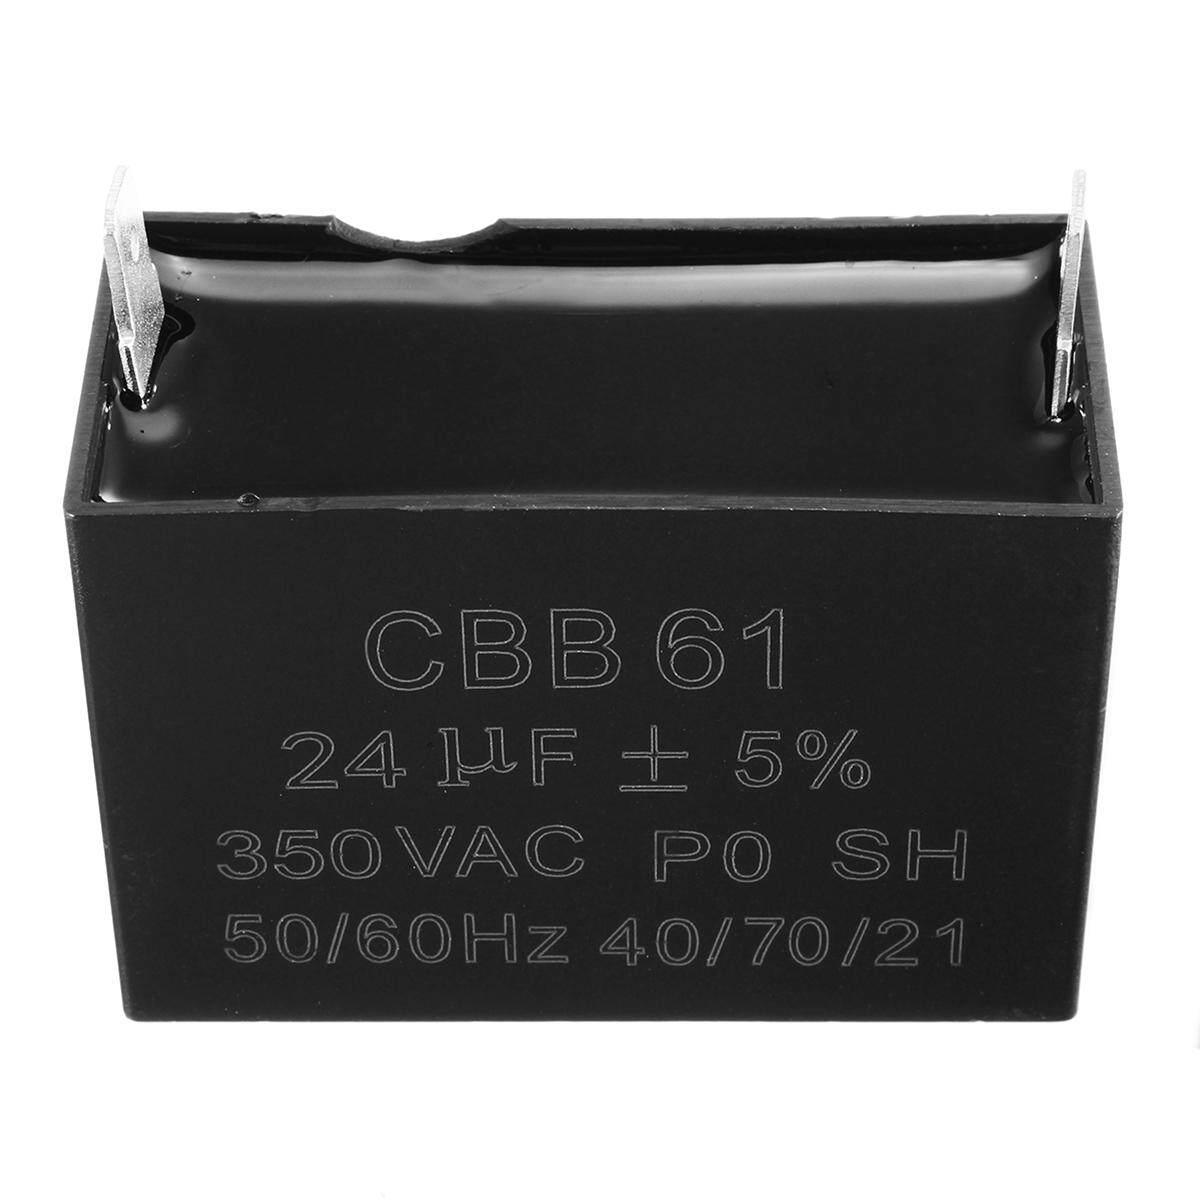 24uF Generator Capacitor 24uF CBB61 24 uF 50 or 60 Hz 400V AC UPTO 450V AC UL - intl